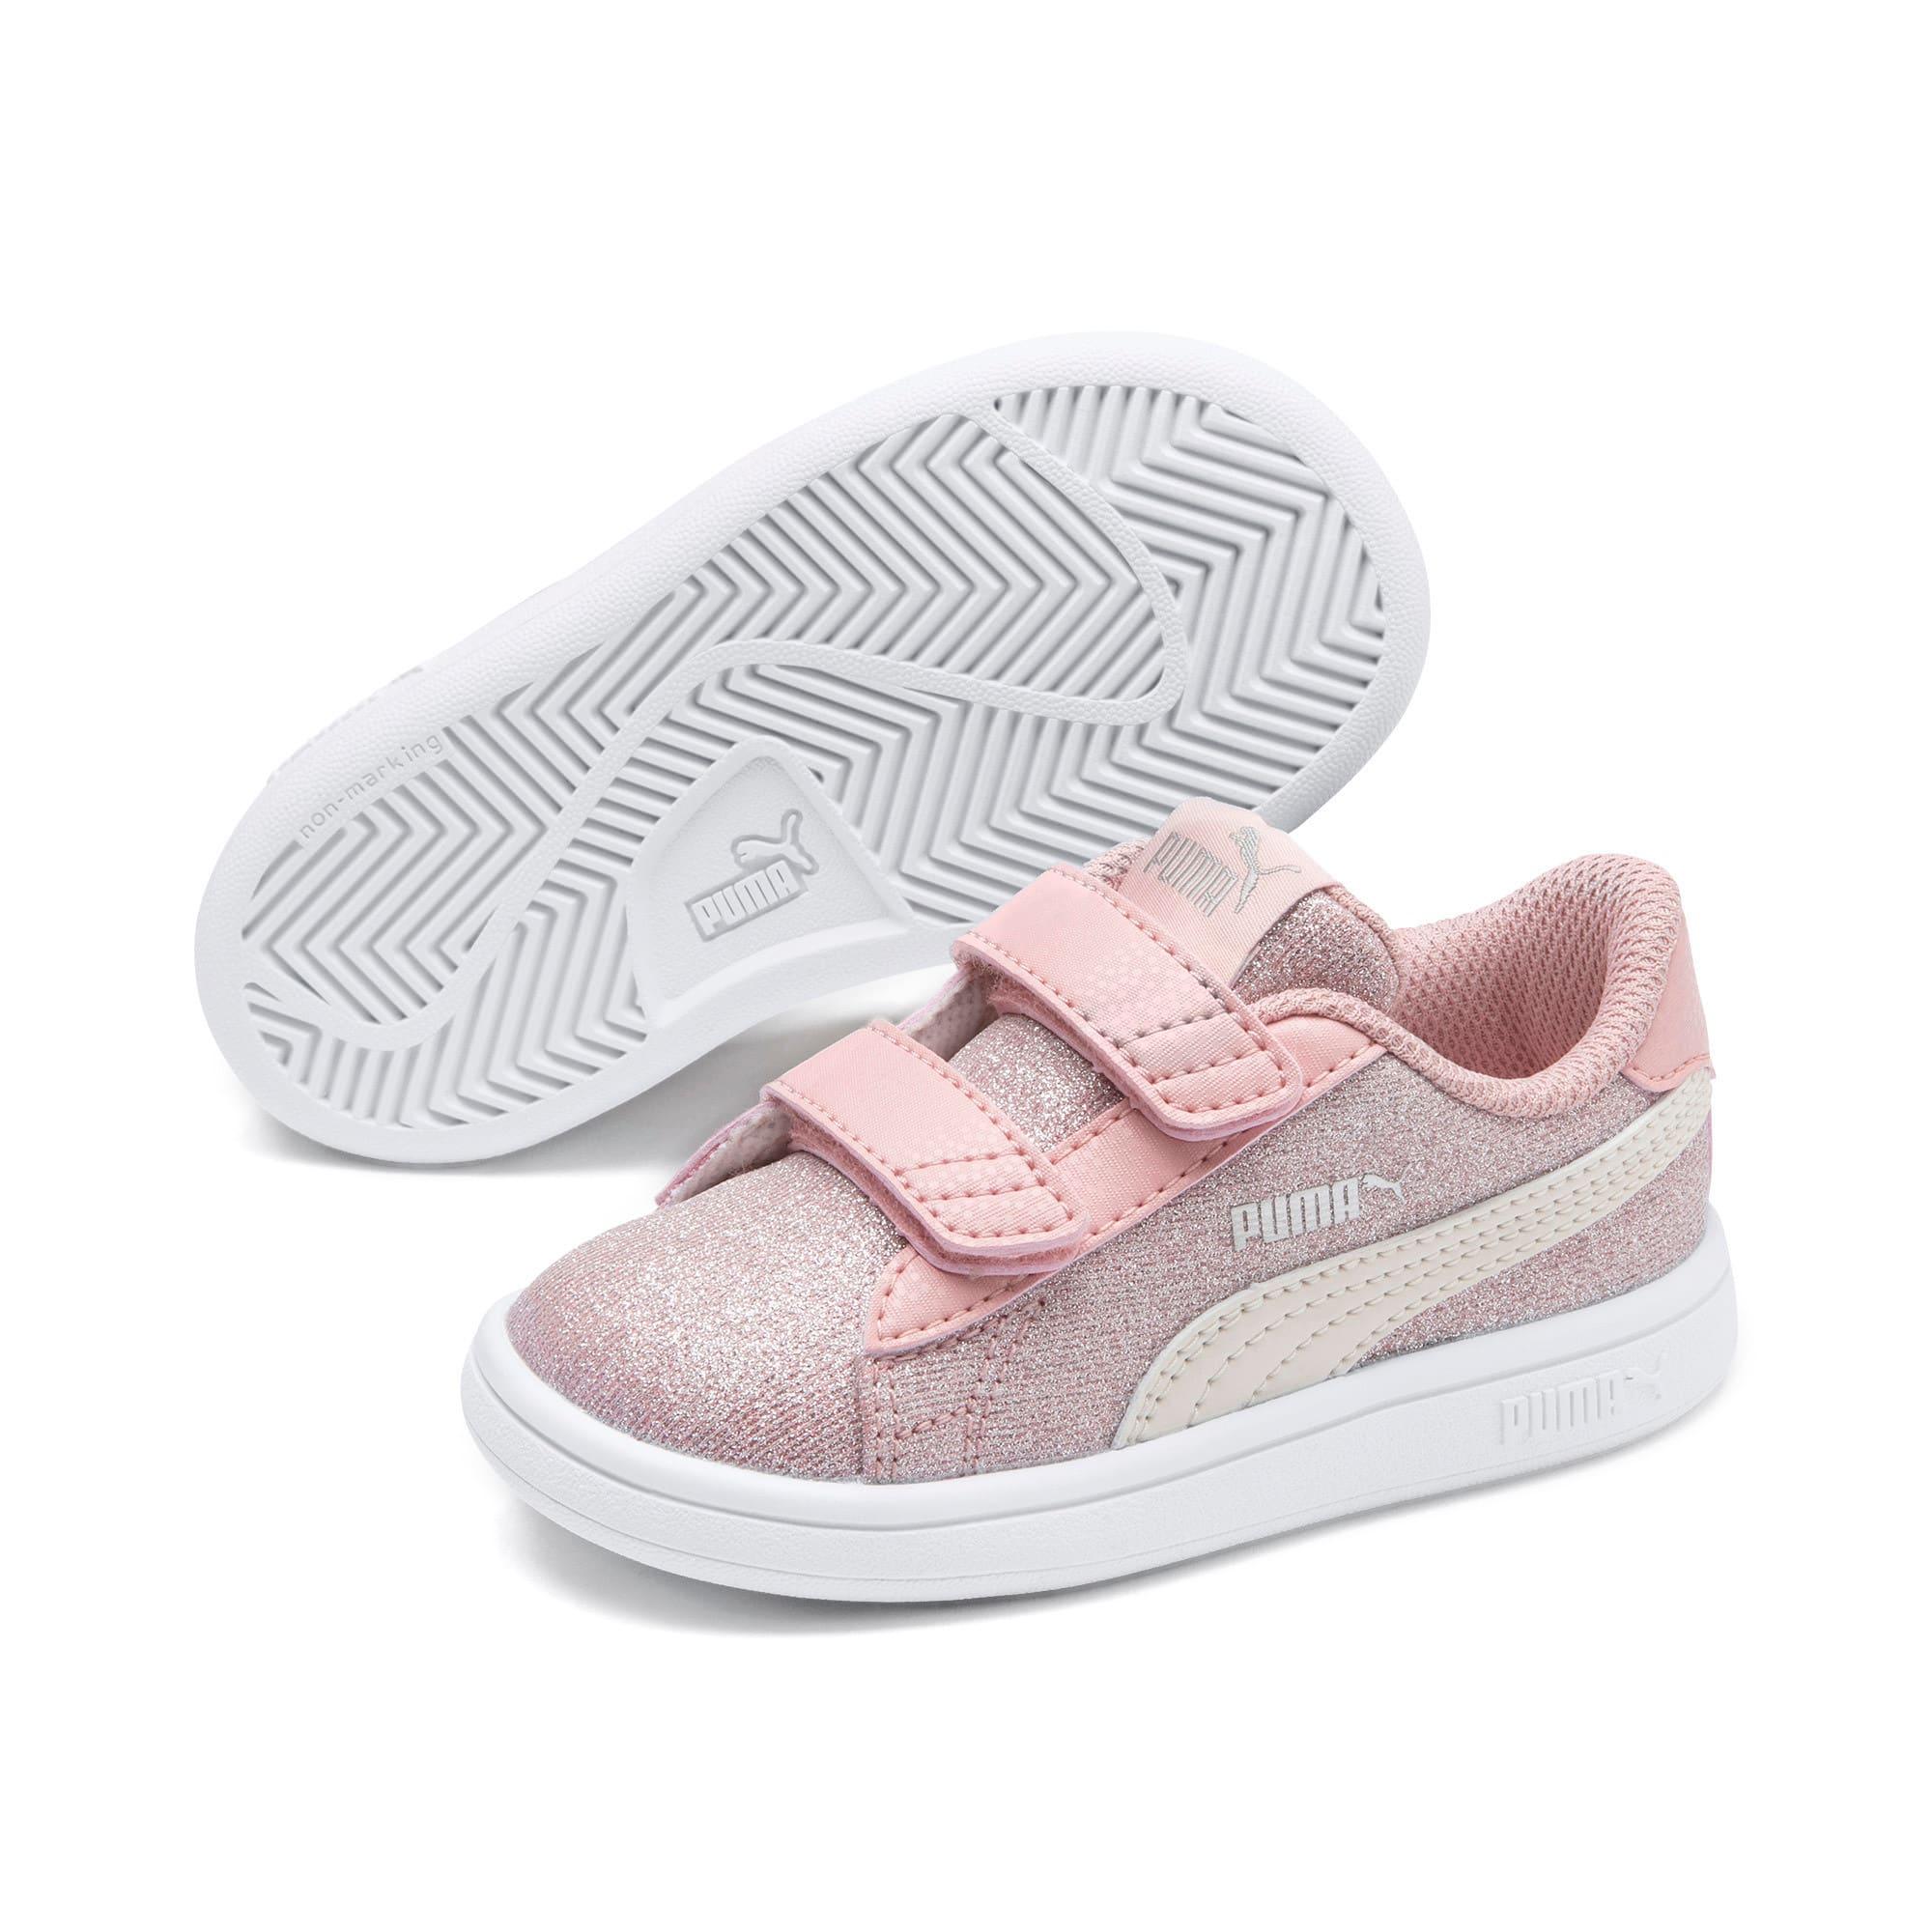 2puma scarpe neonata